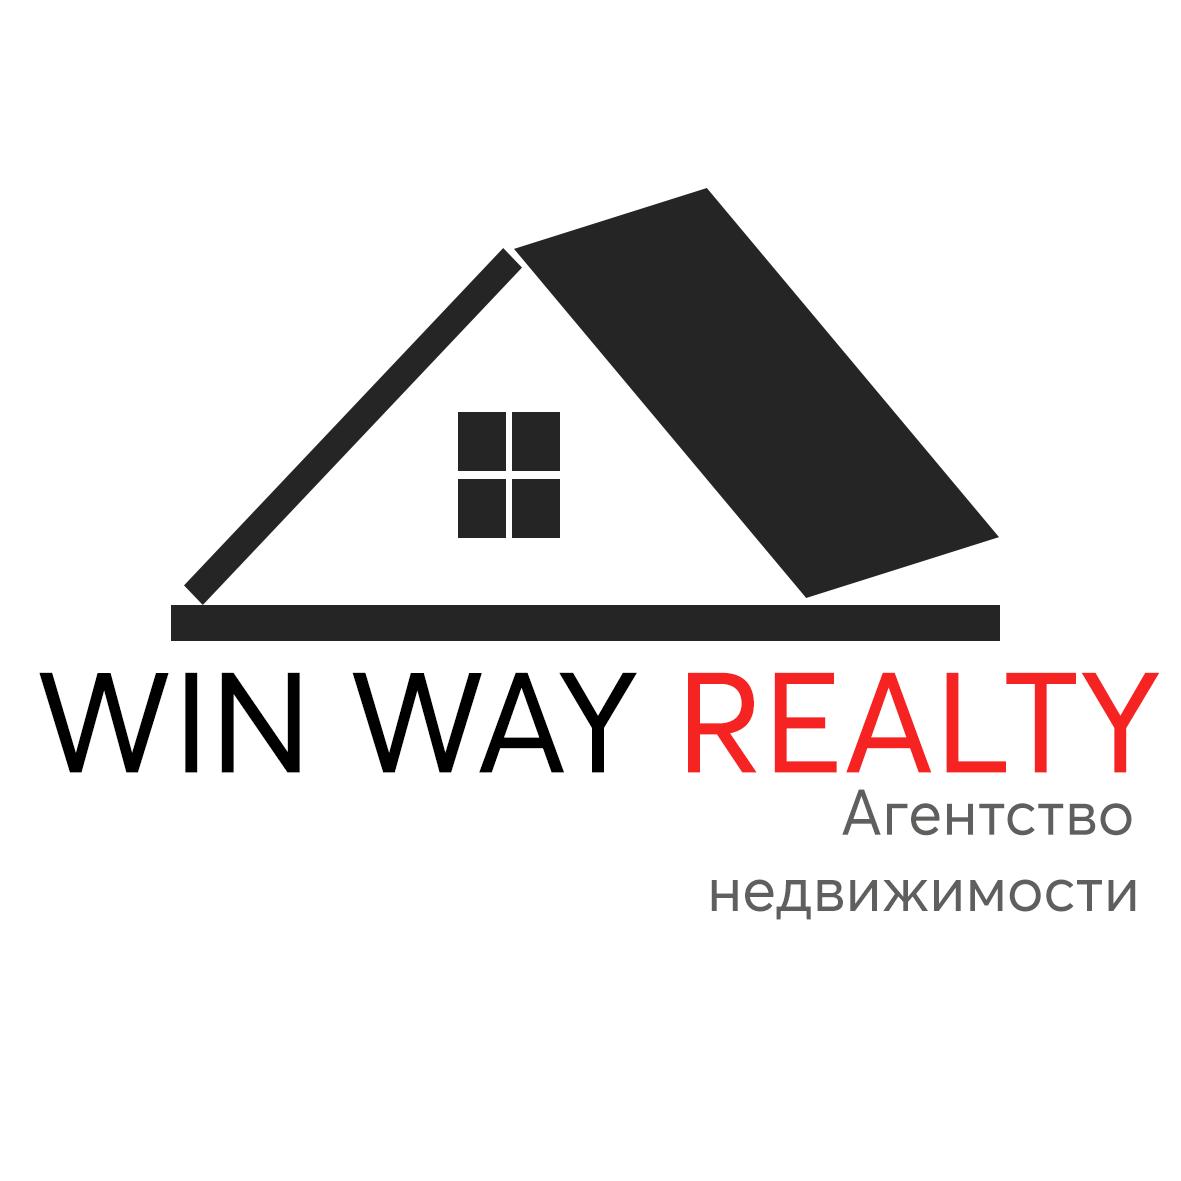 Логотип для агентства недвижимости фото f_0335aacf42e081d5.png